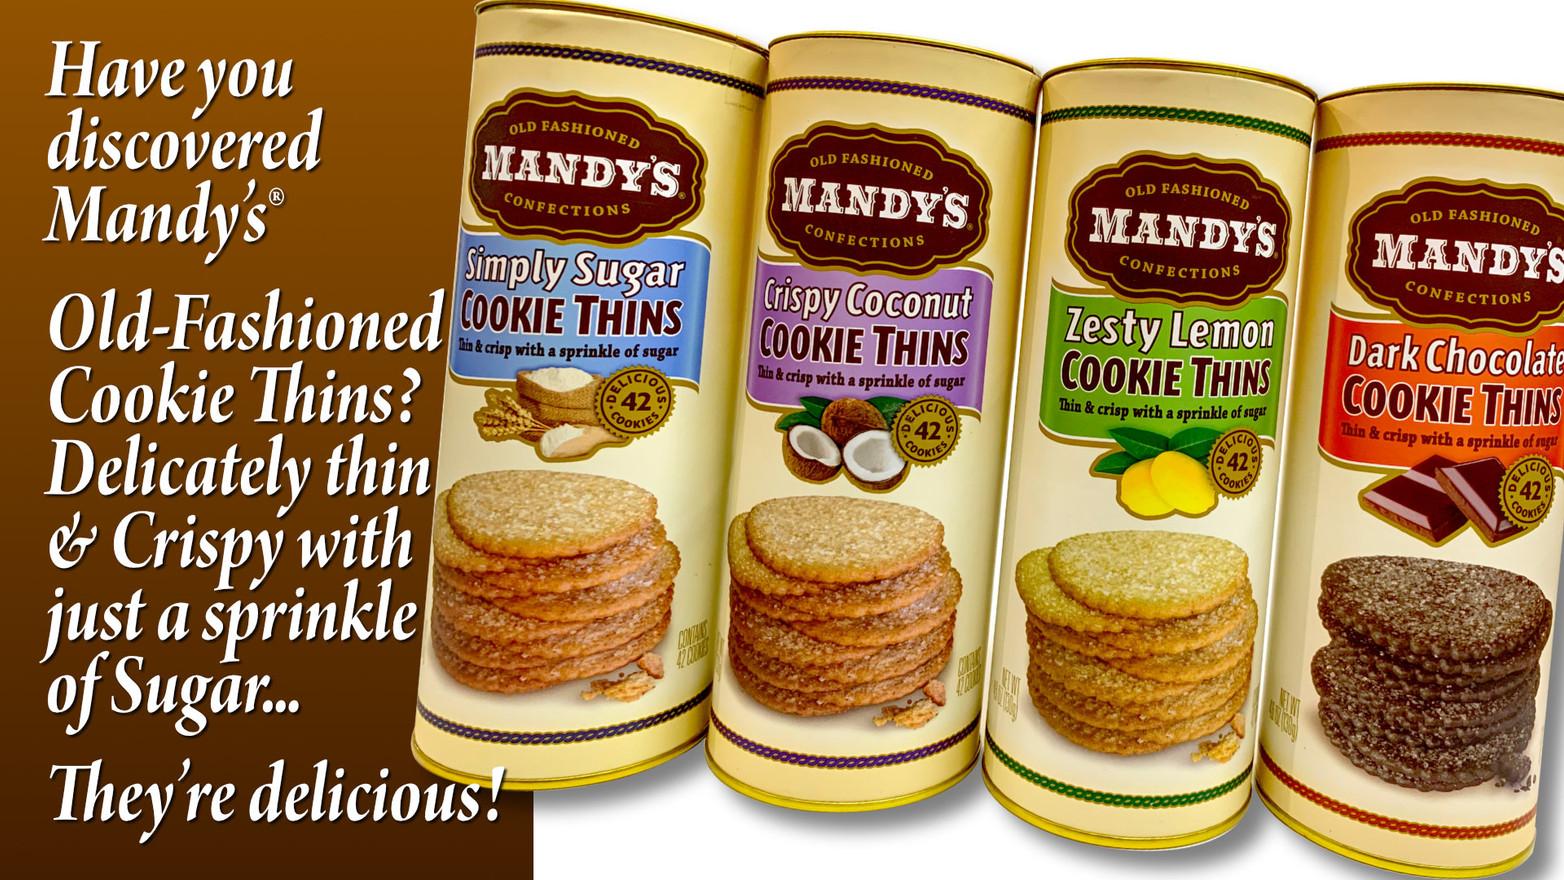 mandy's cookies promo.jpg